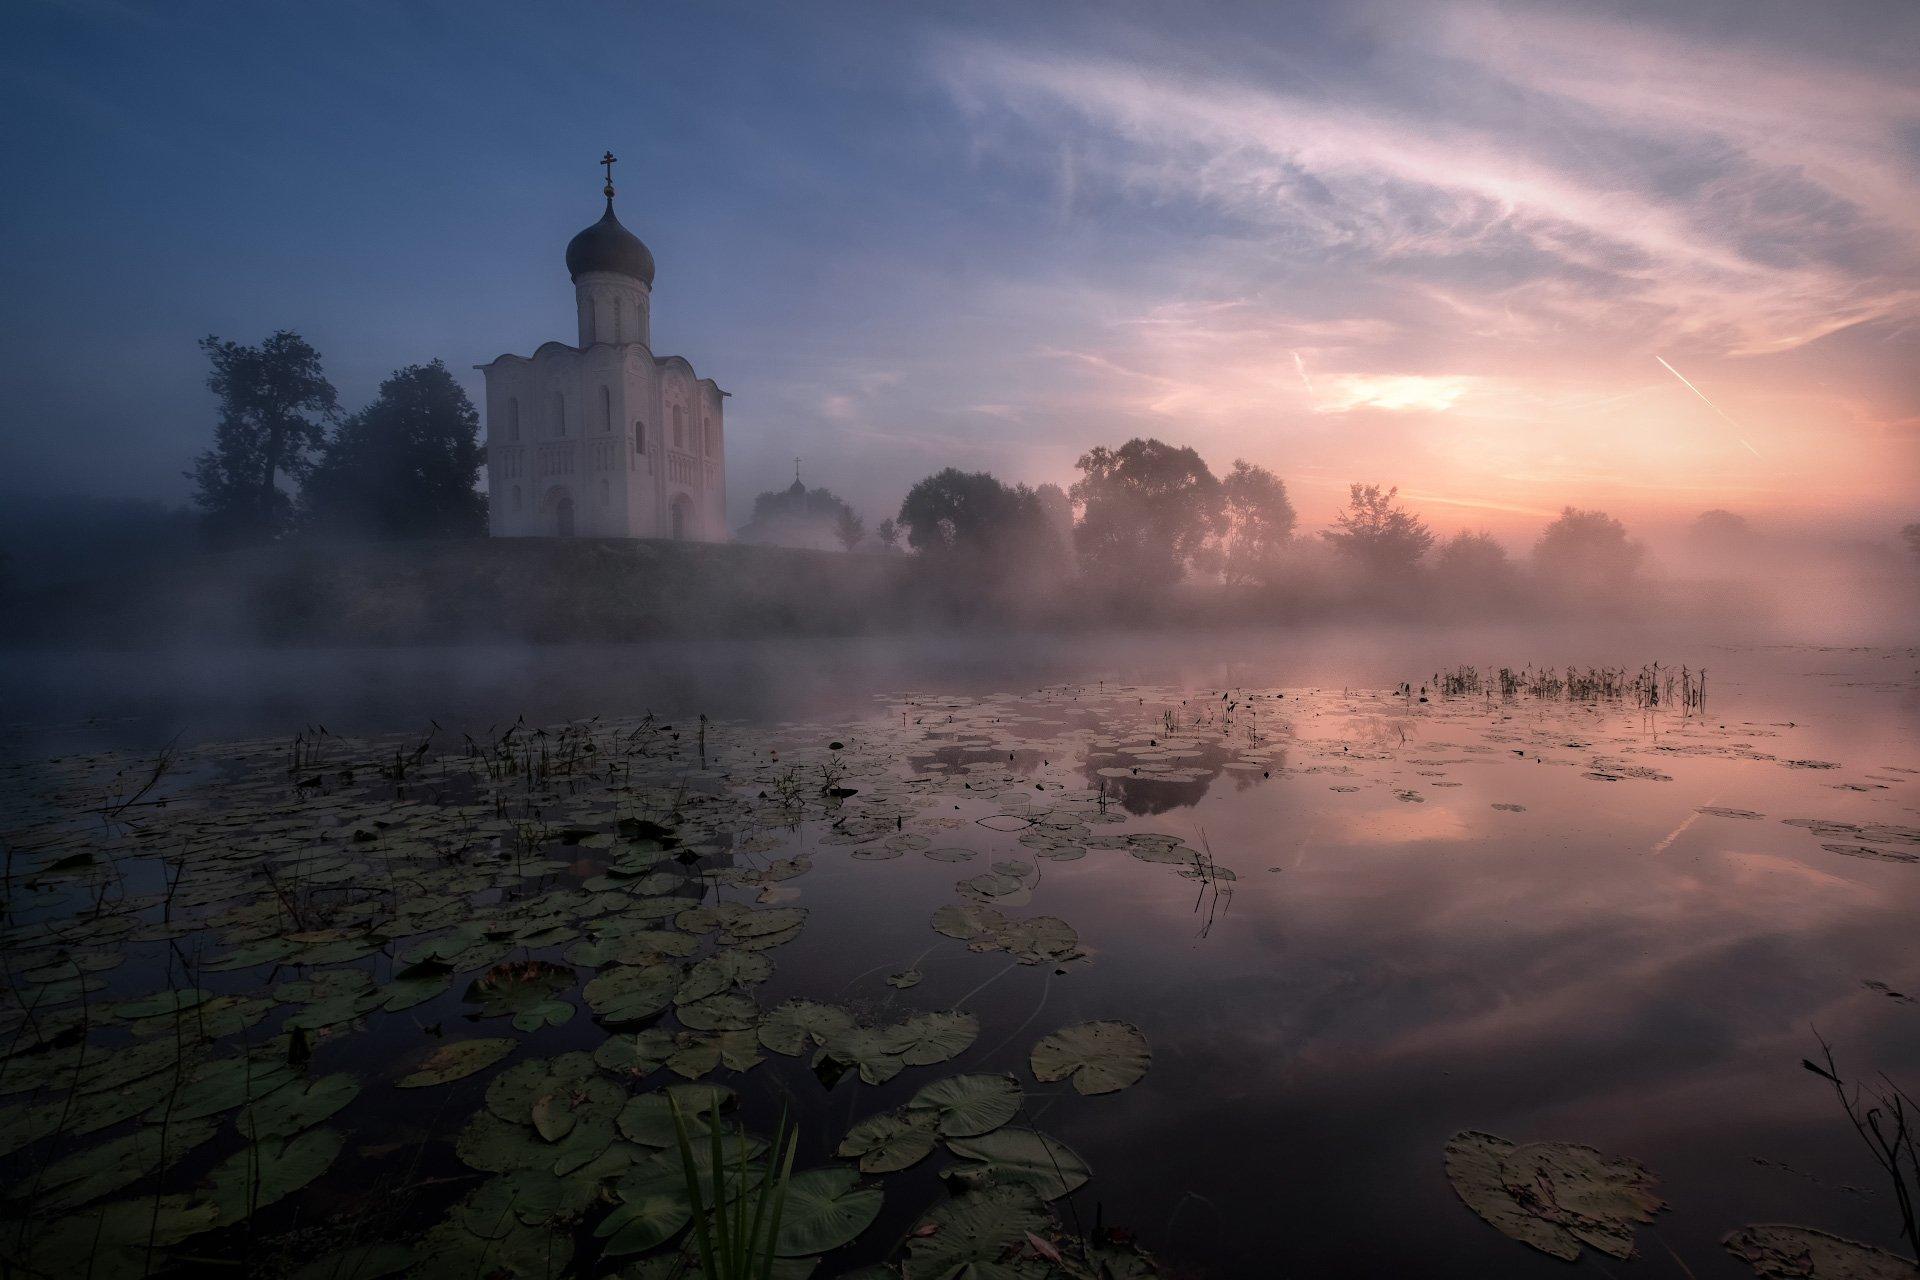 боголюбово, церковь, покрова, нерль, пруд, рассвет, отражения, туман, Андрей Чиж